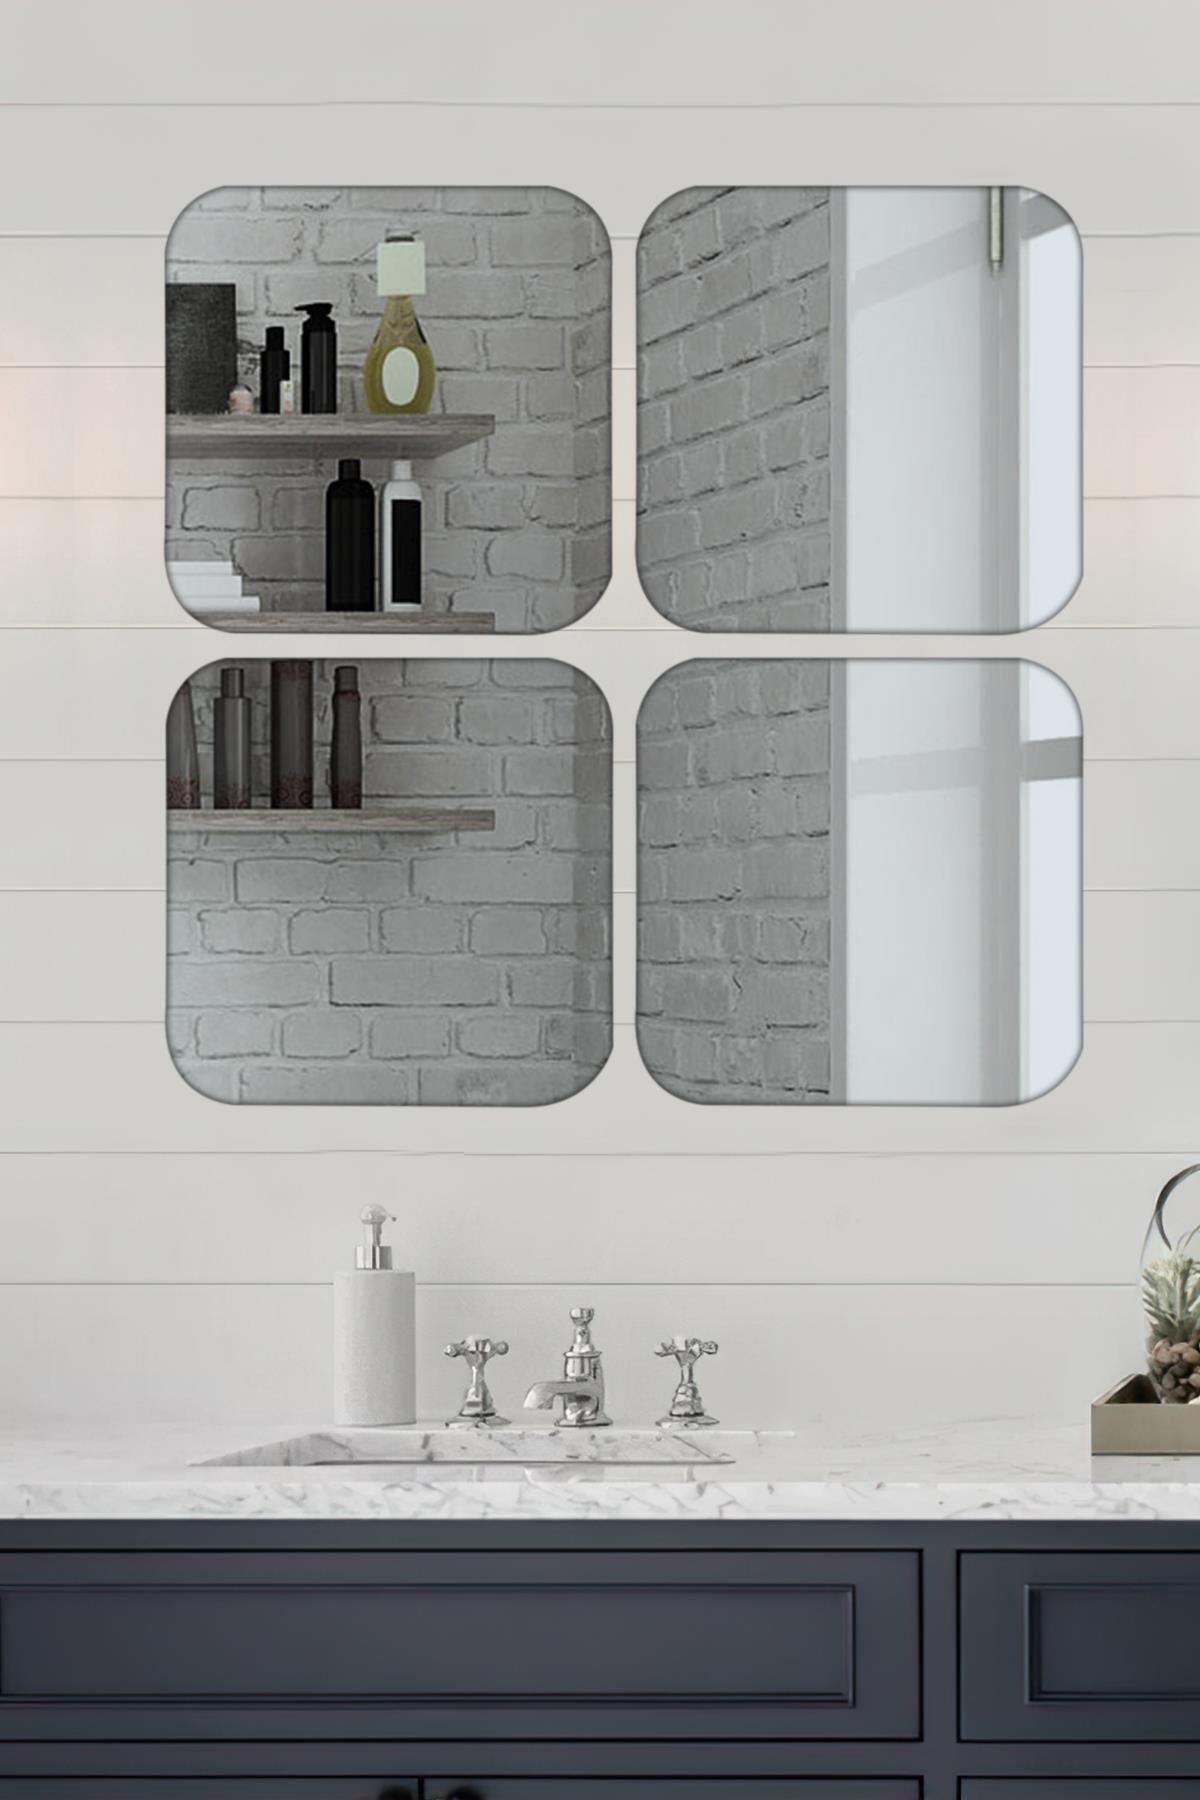 LYN HOME & DECOR 4 Lü Köşeleri Yuvarlak Kare Füme Ayna 36x36 Cm 1